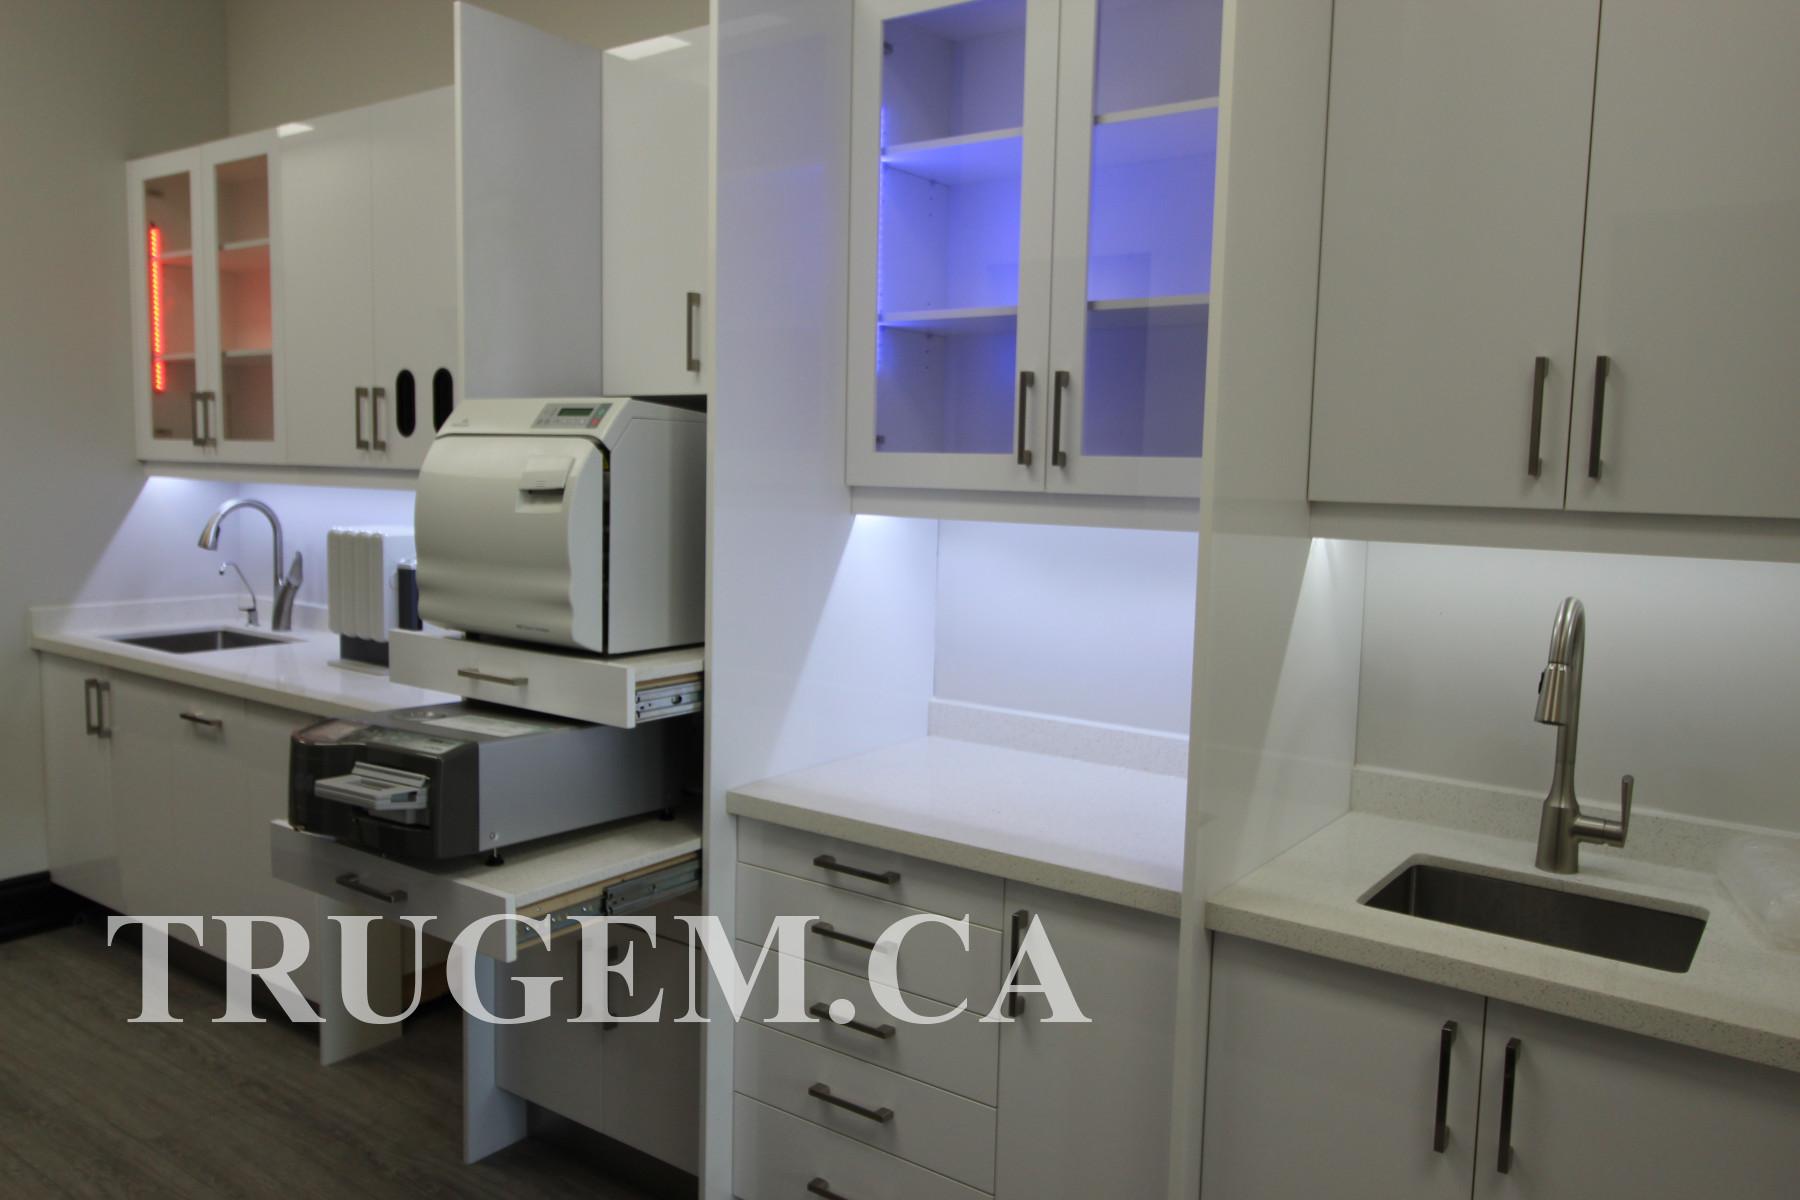 cabinets dental office design